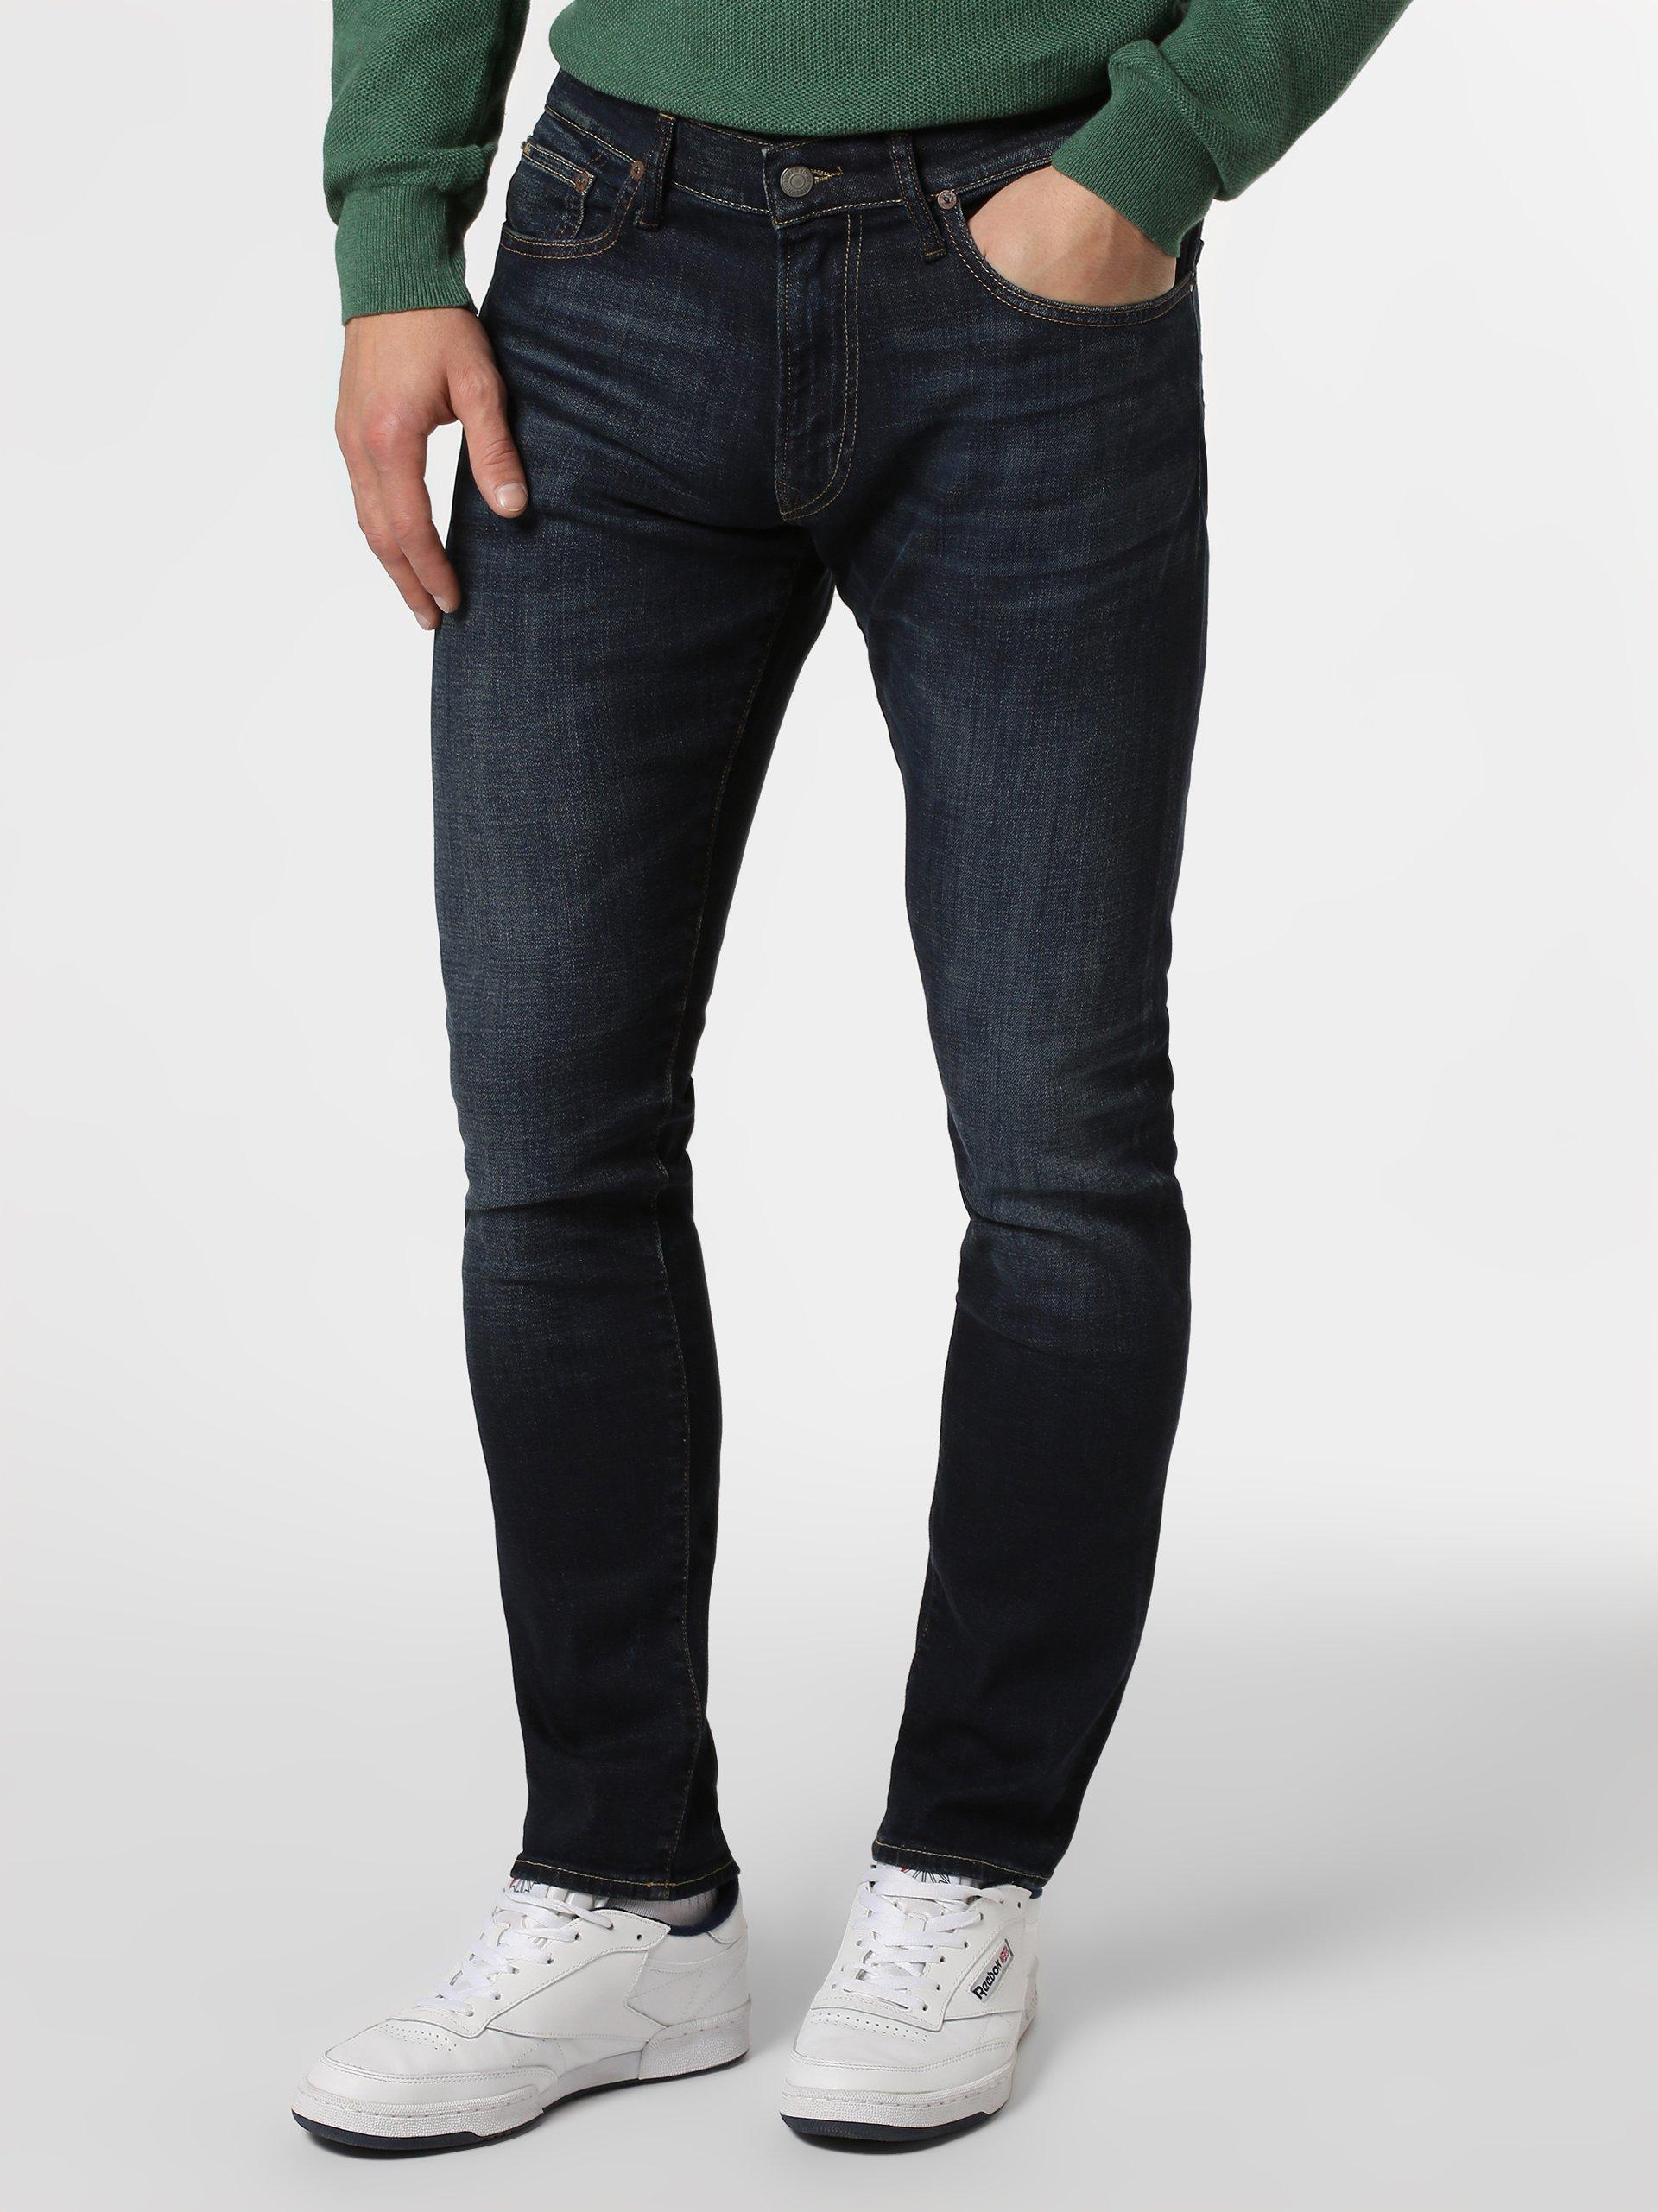 Polo Ralph Lauren Herren Jeans - The Sullivan Slim